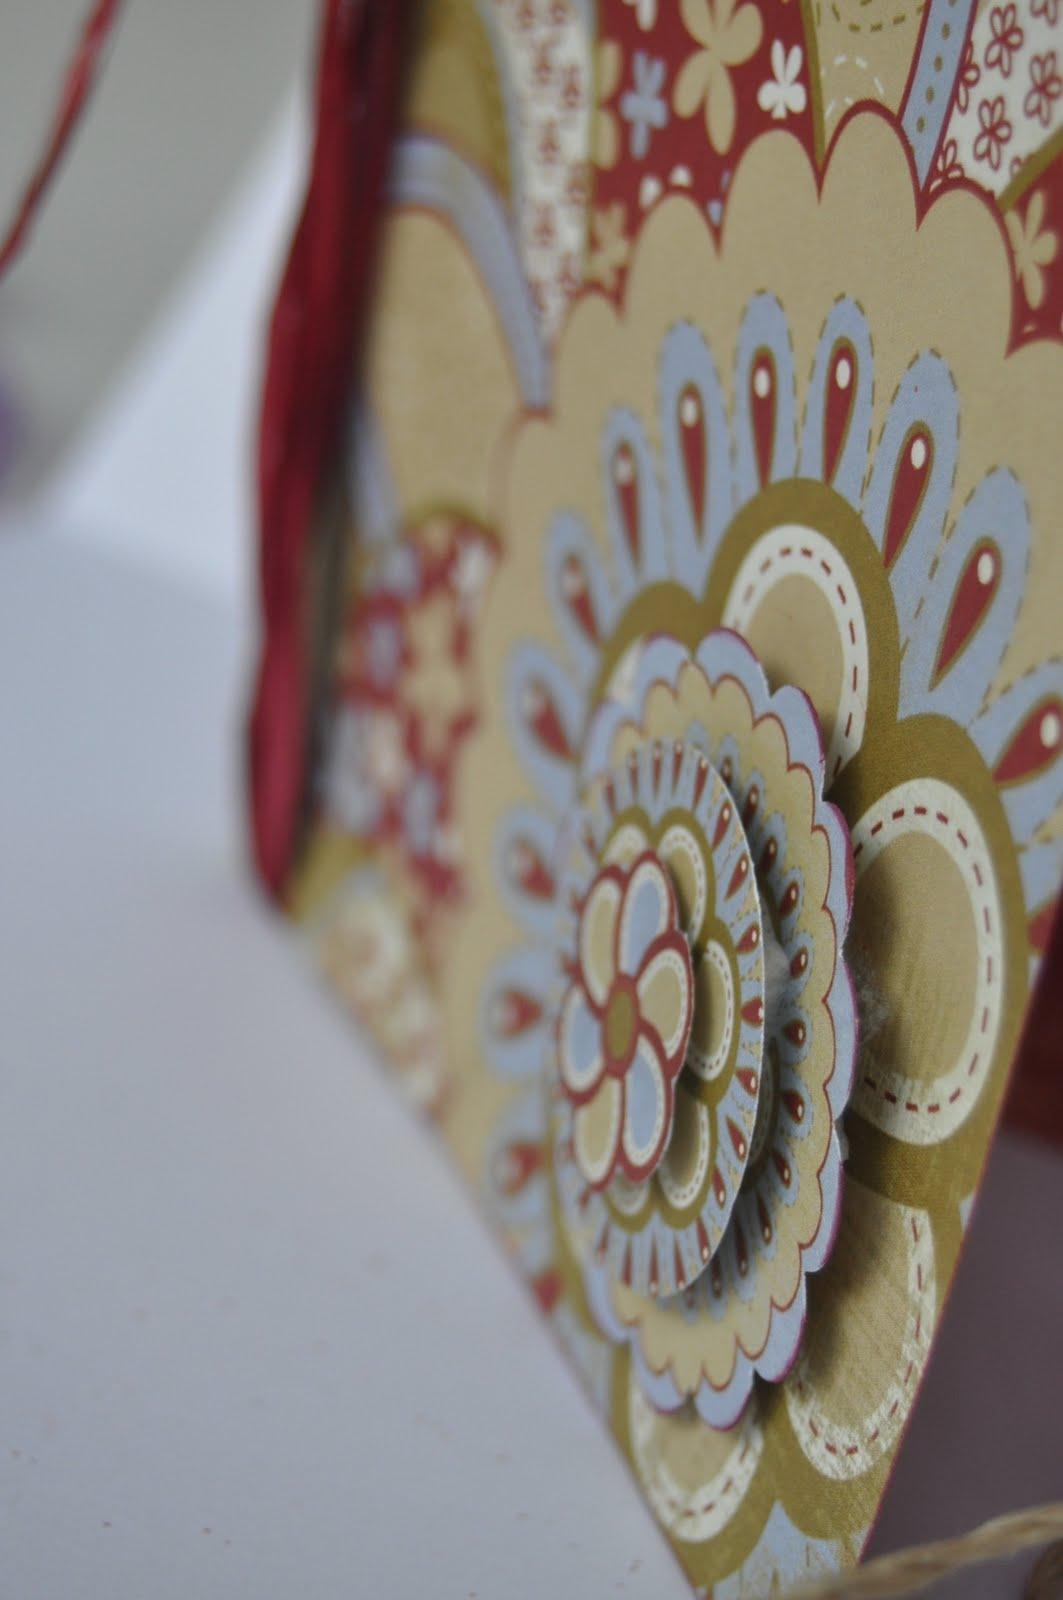 Mis momentos en papel mas tarjetas de navidad hechas a mano for Coronas de navidad hechas a mano